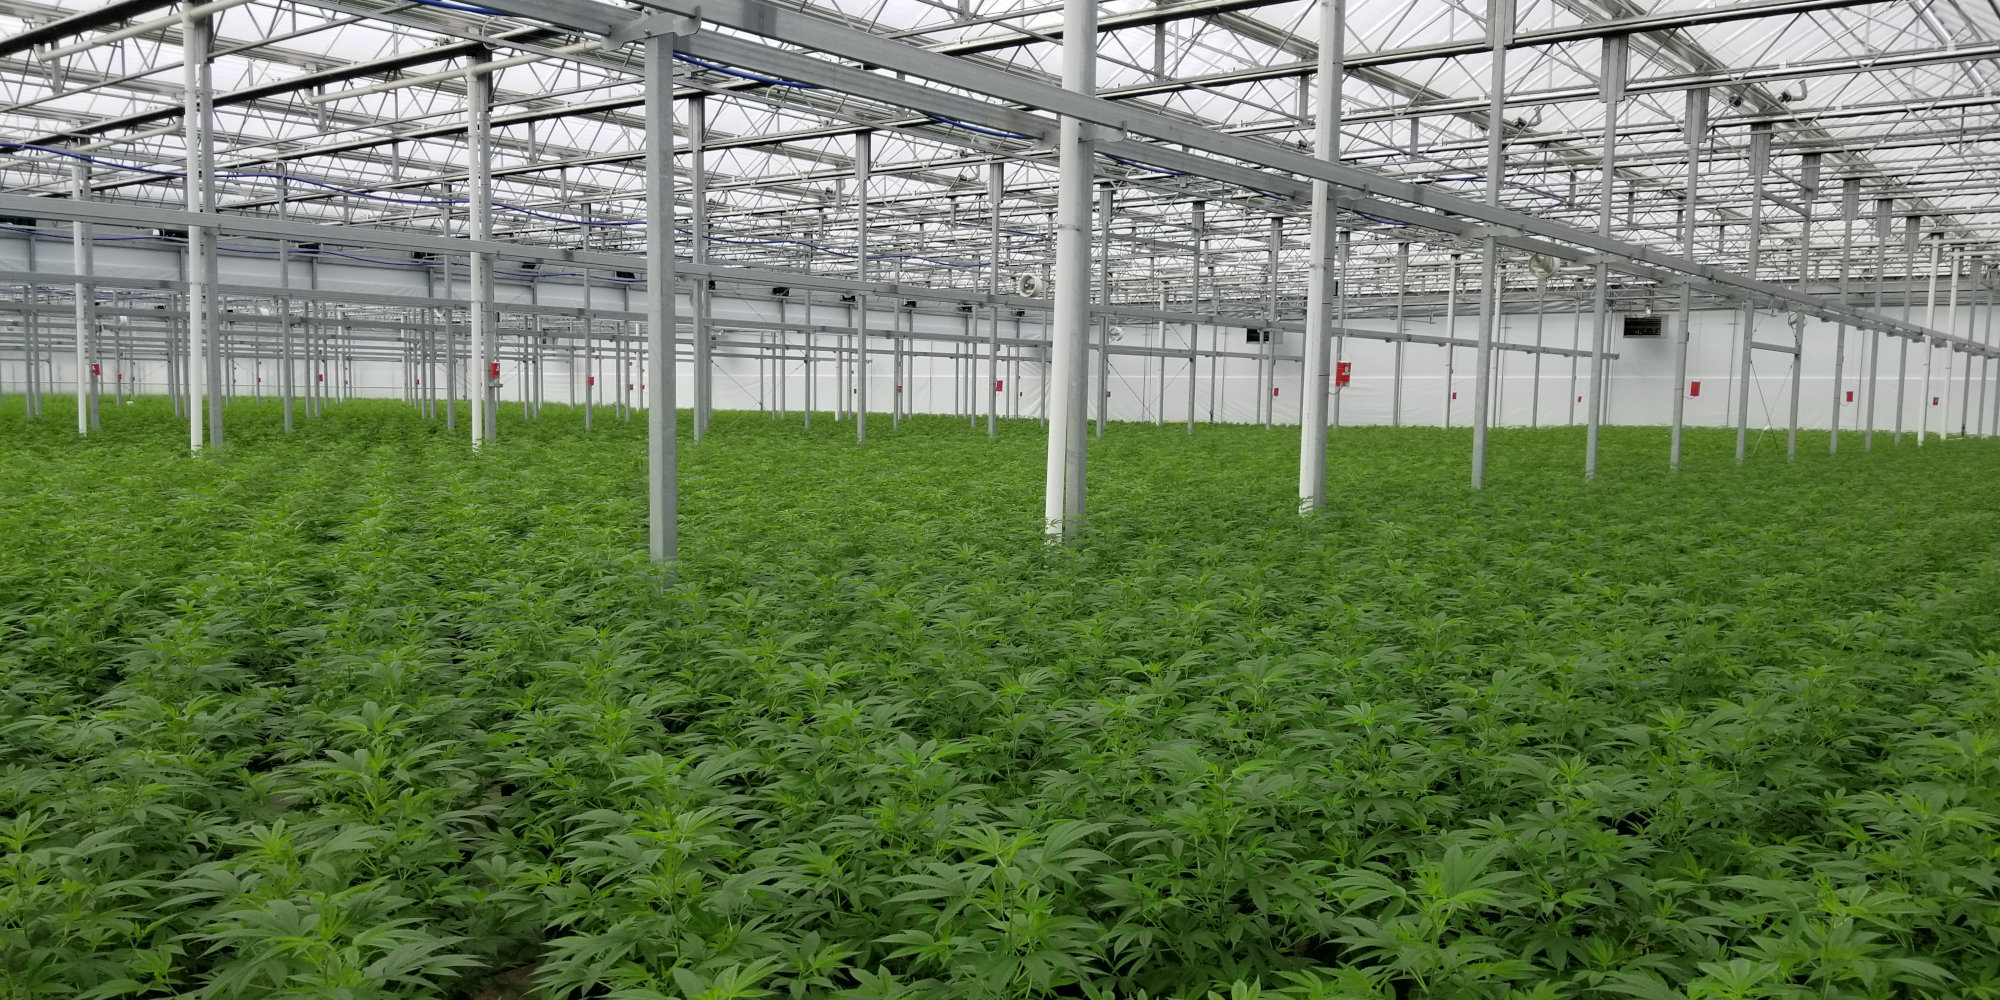 Green hemp plants in greenhouse.